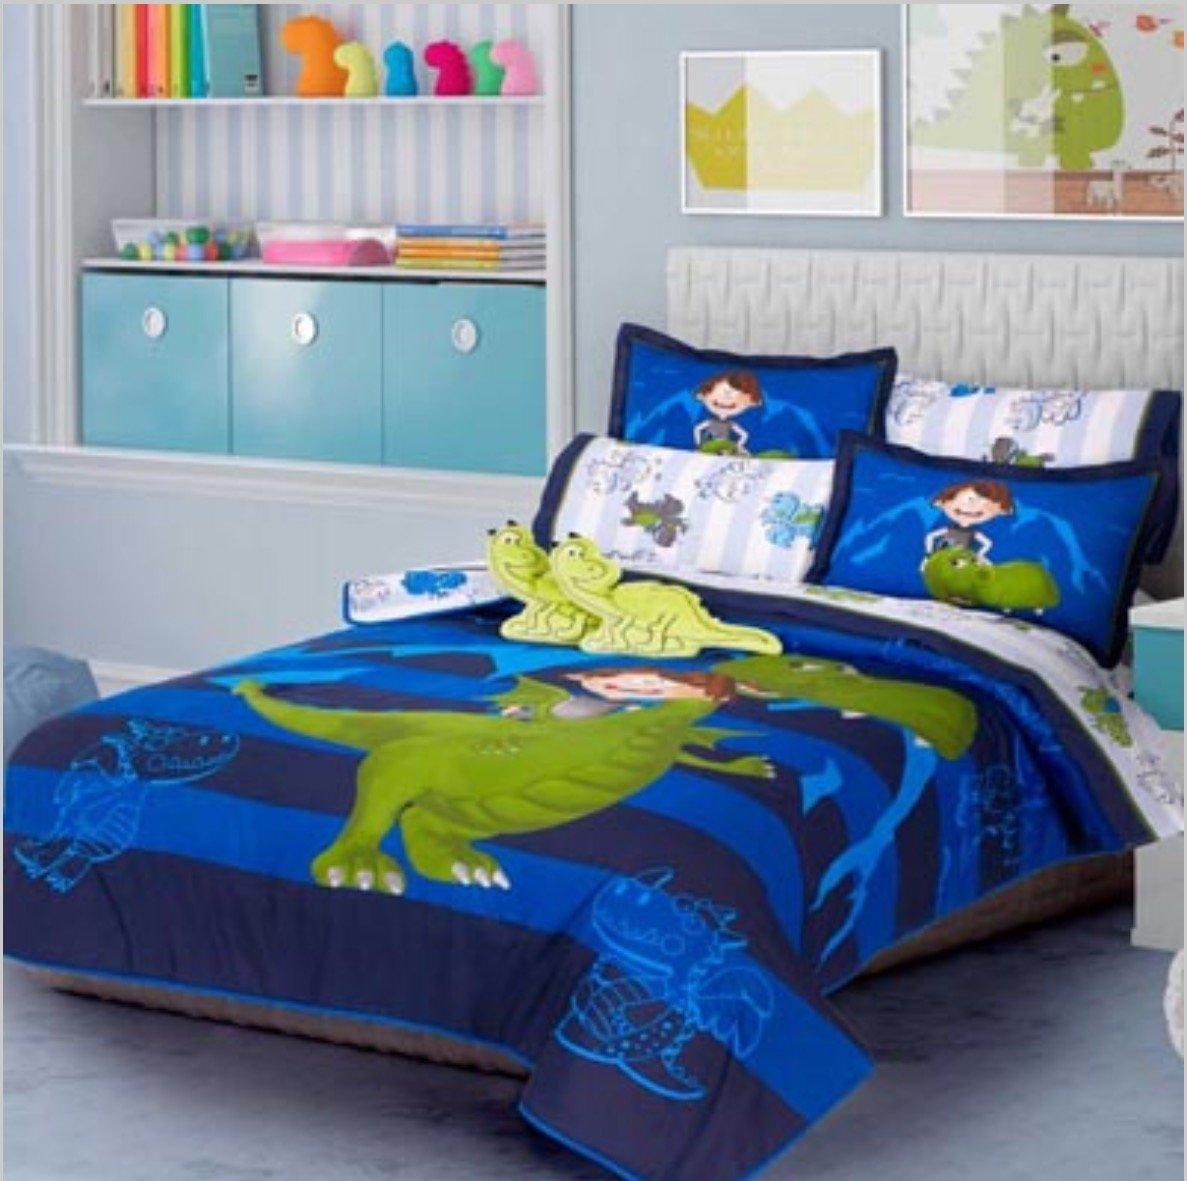 新しいドラゴンCute Kids両面寝具布団セット、シートセット、およびWindowsパネル12個フルサイズ B06XPCS6NR